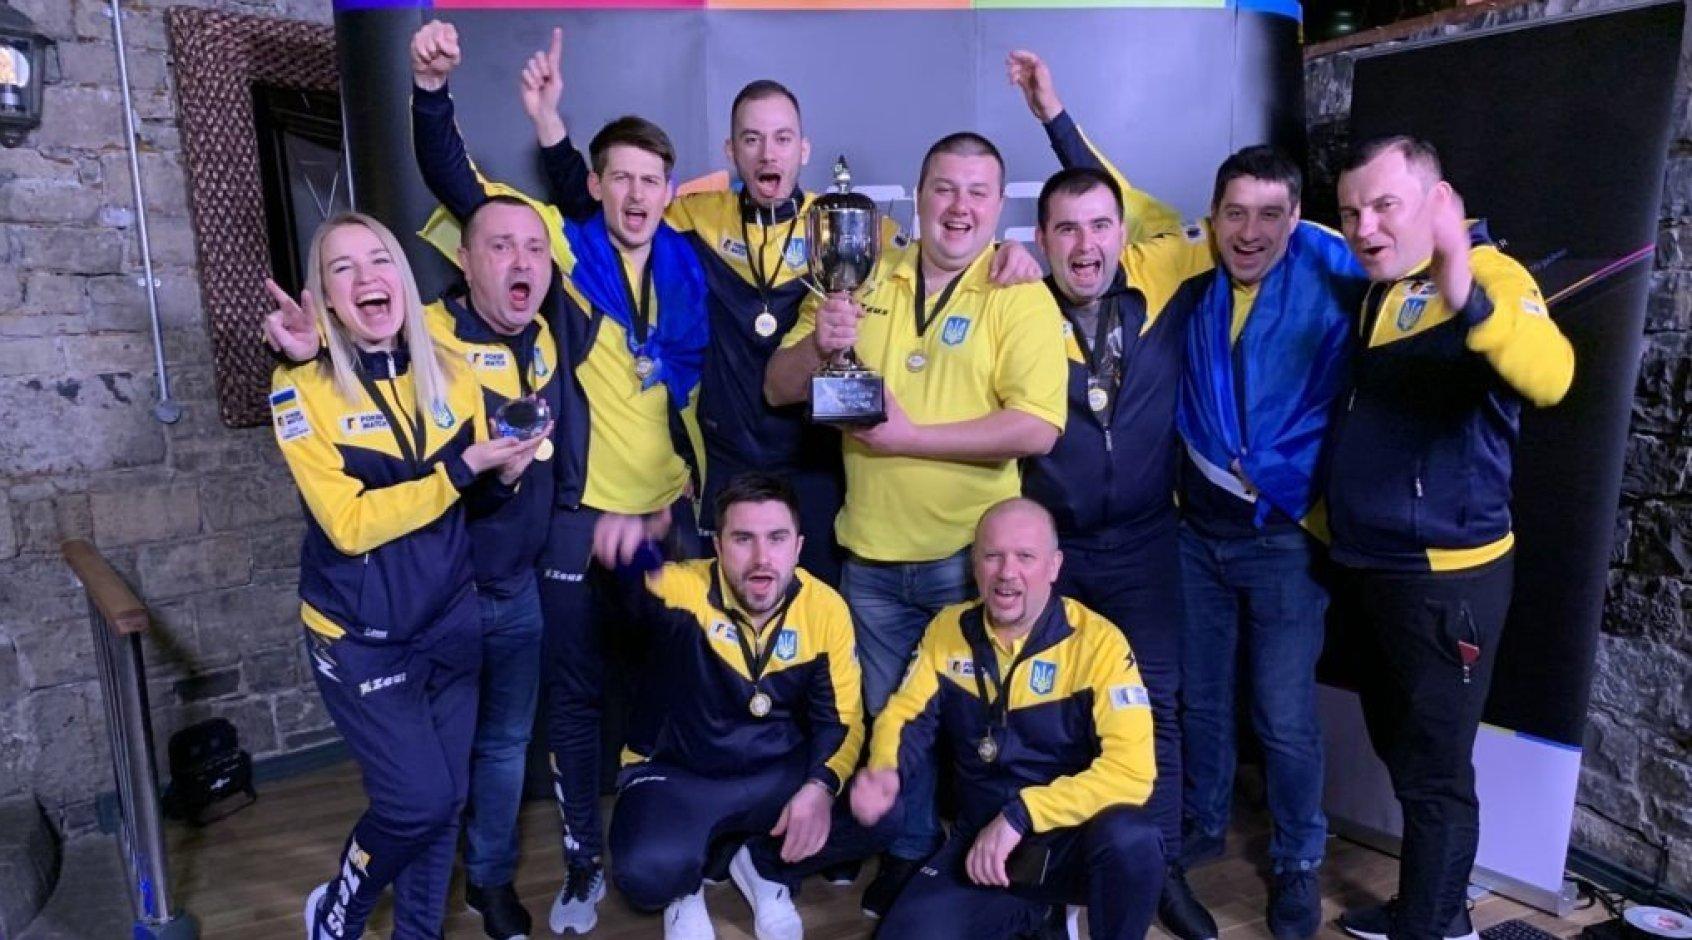 Сборная Украины — чемпион мира по матч-покеру